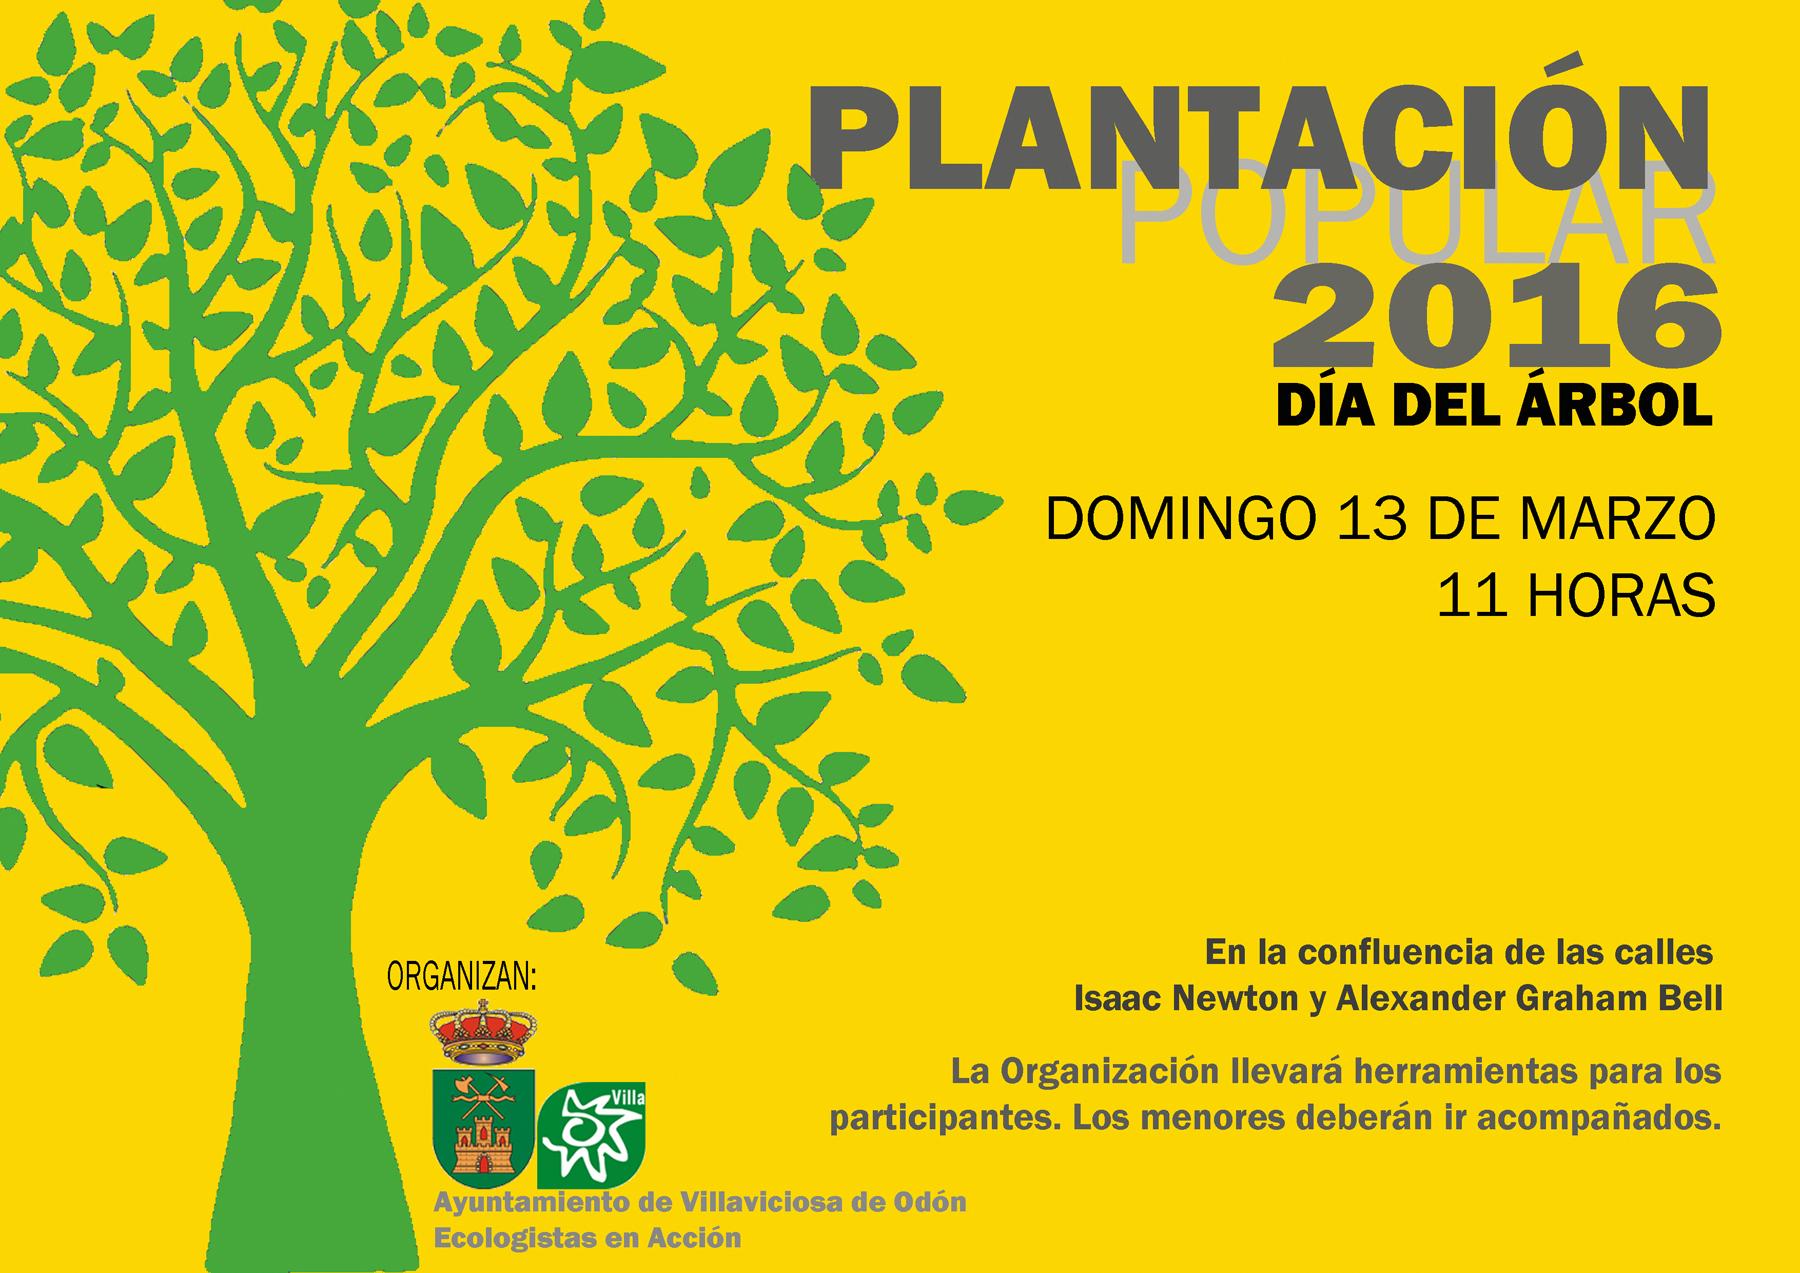 Los árboles De La Plantación Popular 13 De Marzo Llevarán Los